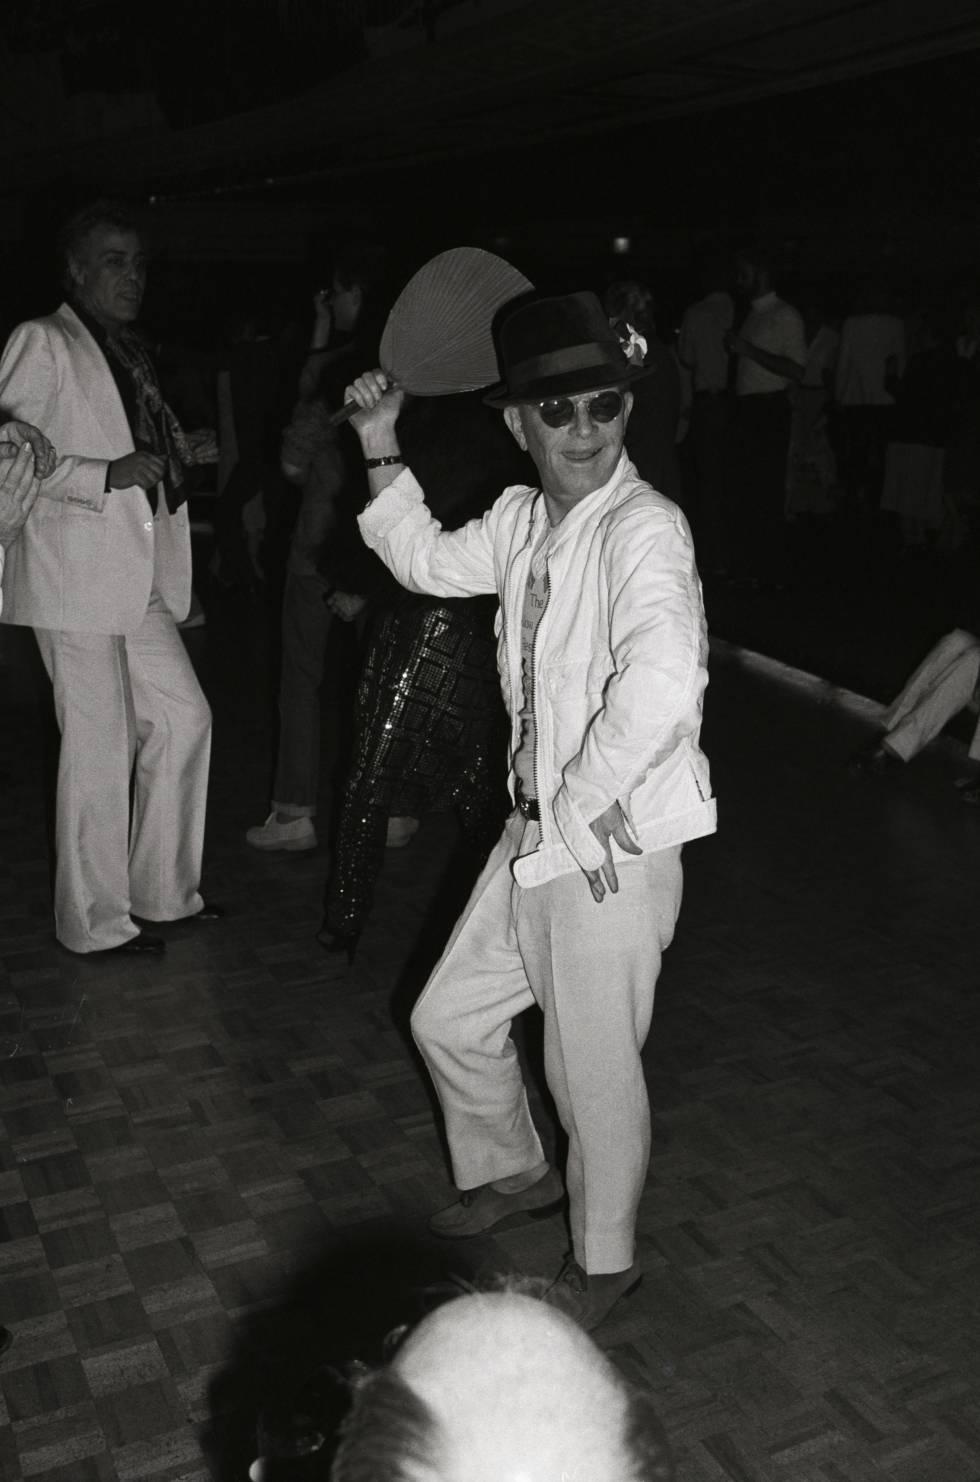 Otra noche de Capote en Studio 54. Esta vez con un abanico.